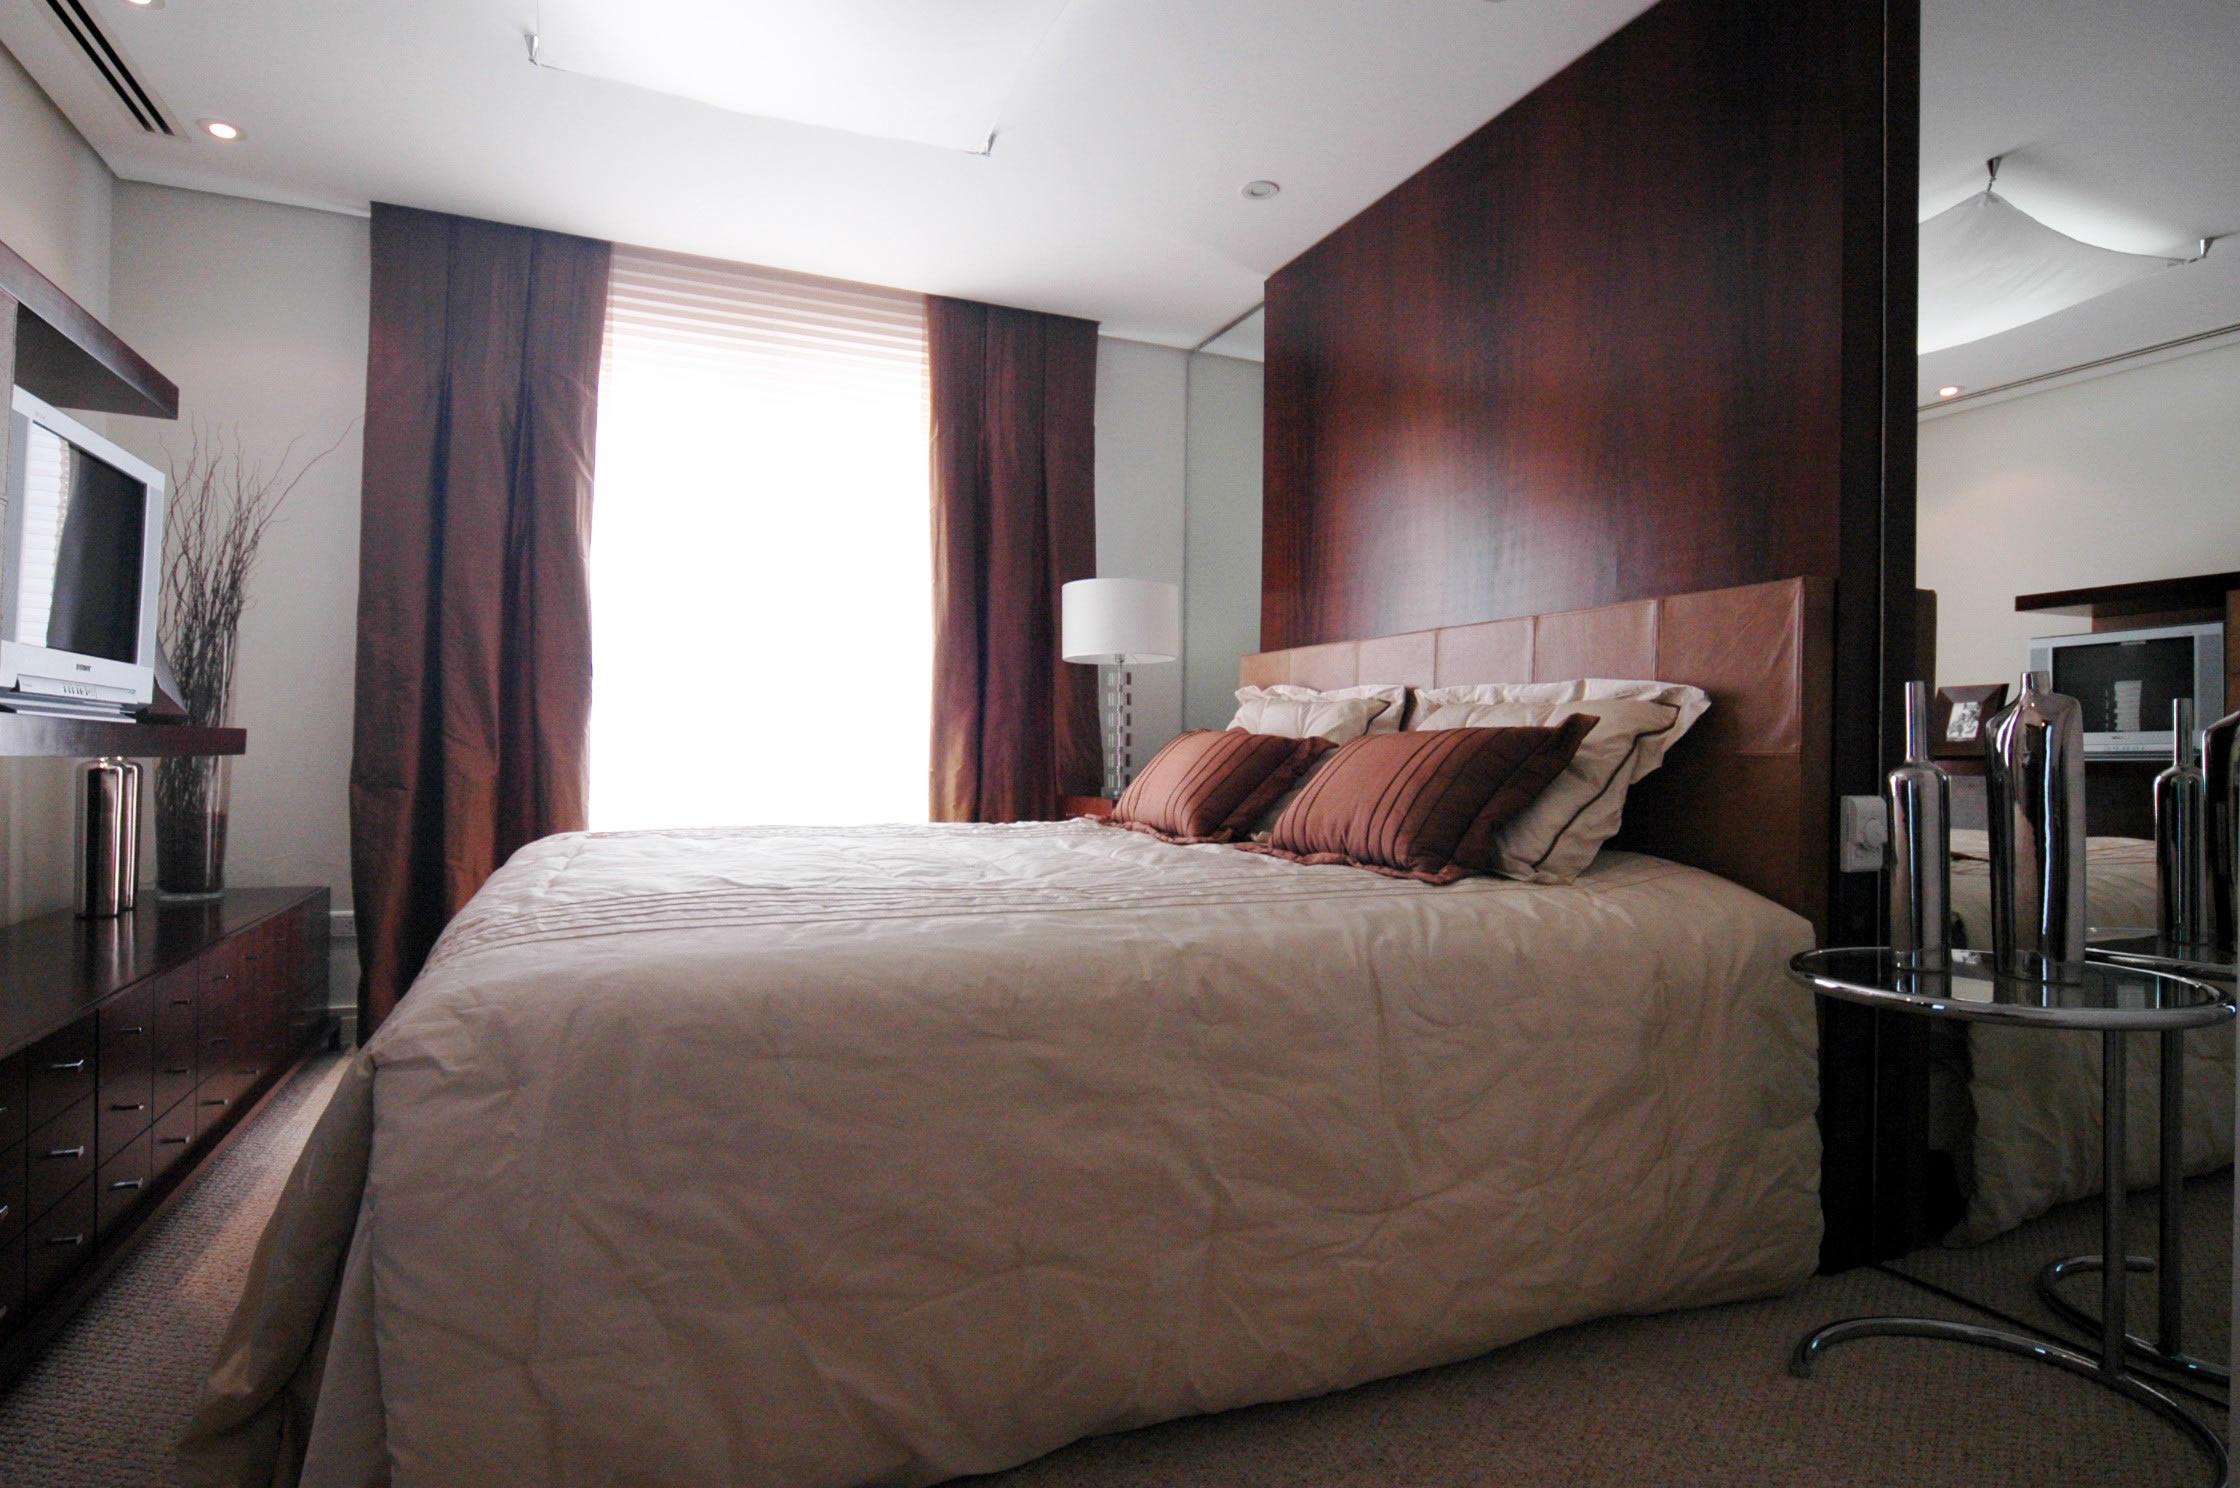 Conforto é fundamental no quarto do casal - Cleon Gostinski